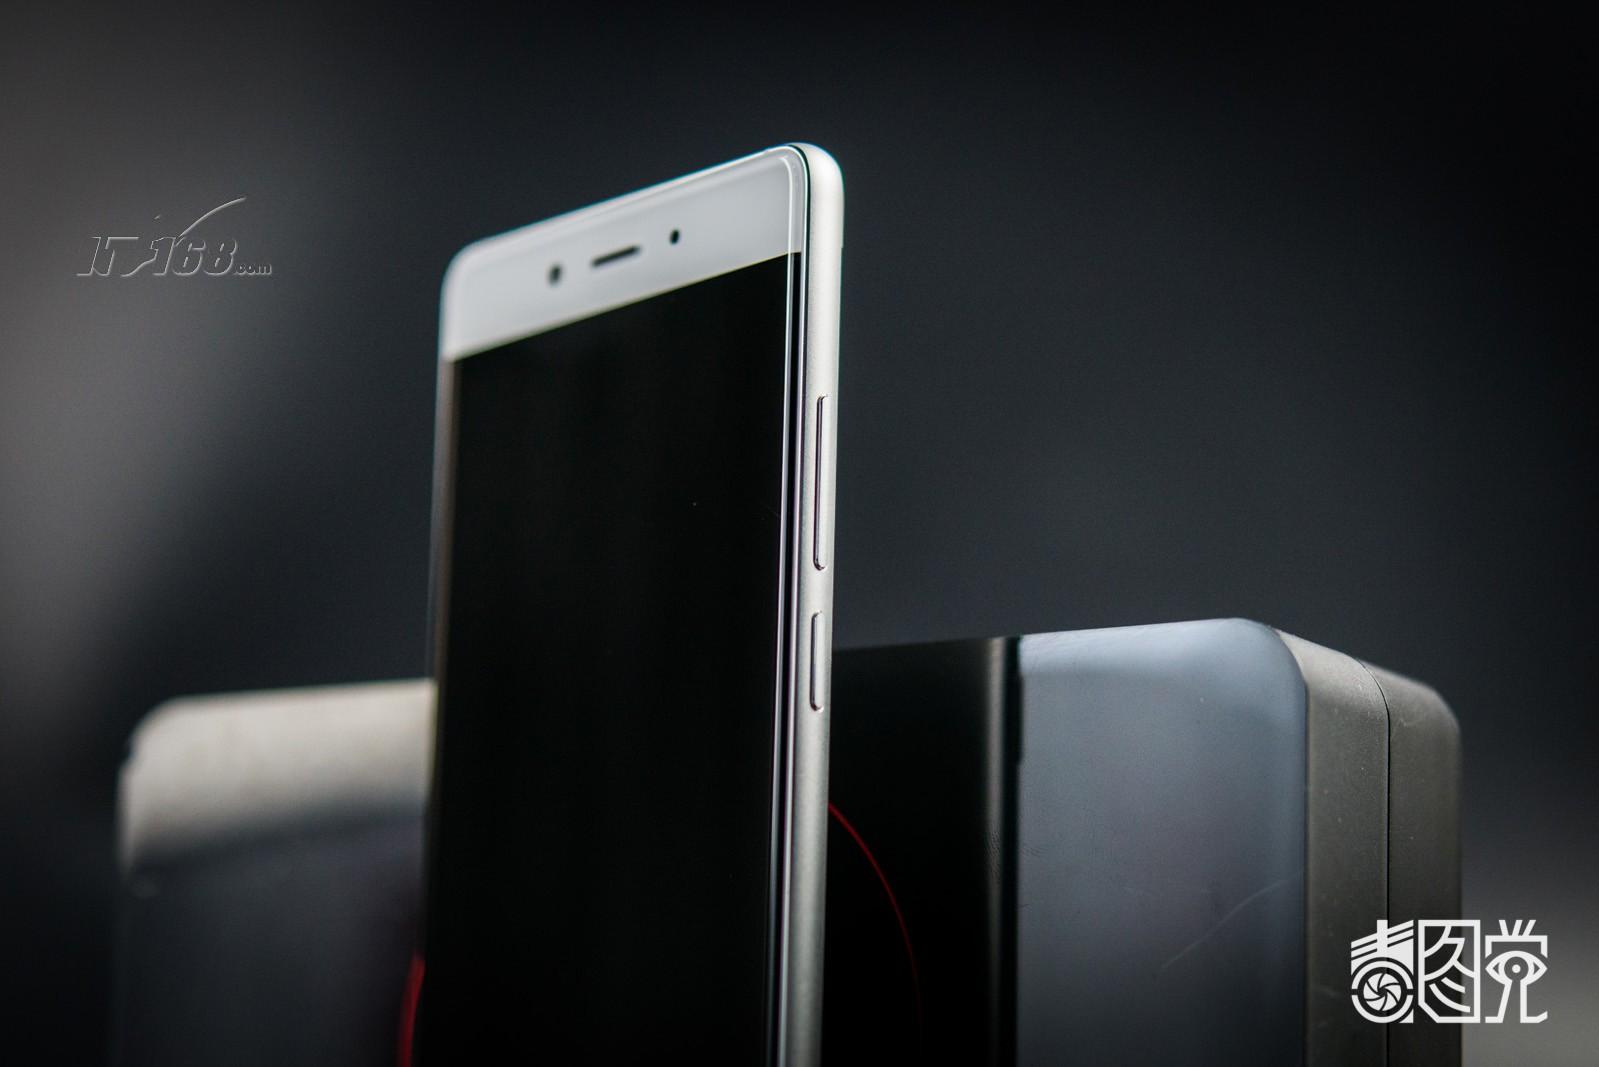 努比亚z11 白金版场景图片13素材-it168手机图片大全